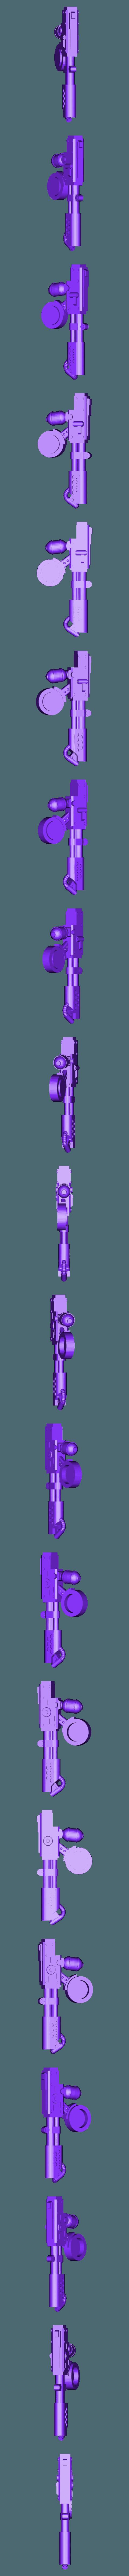 Flamer.stl Download free STL file Chrono Trigger Shoulder Mounted Flamer • 3D printable object, FelixTheCrazy